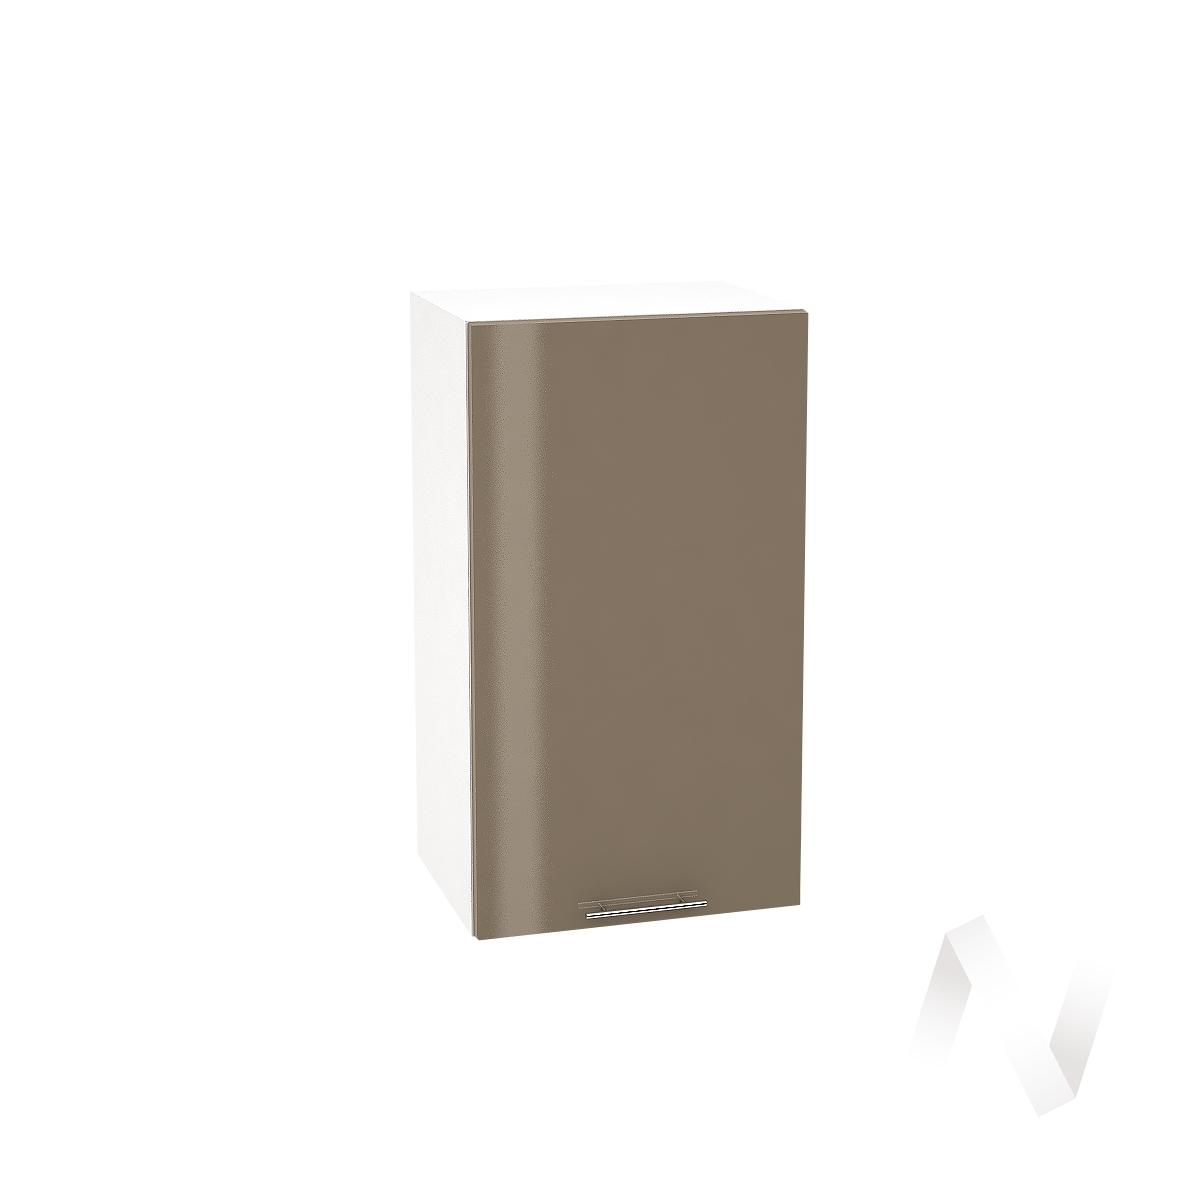 """Кухня """"Валерия-М"""": Шкаф верхний 400, ШВ 400 (Капучино глянец/корпус белый)"""